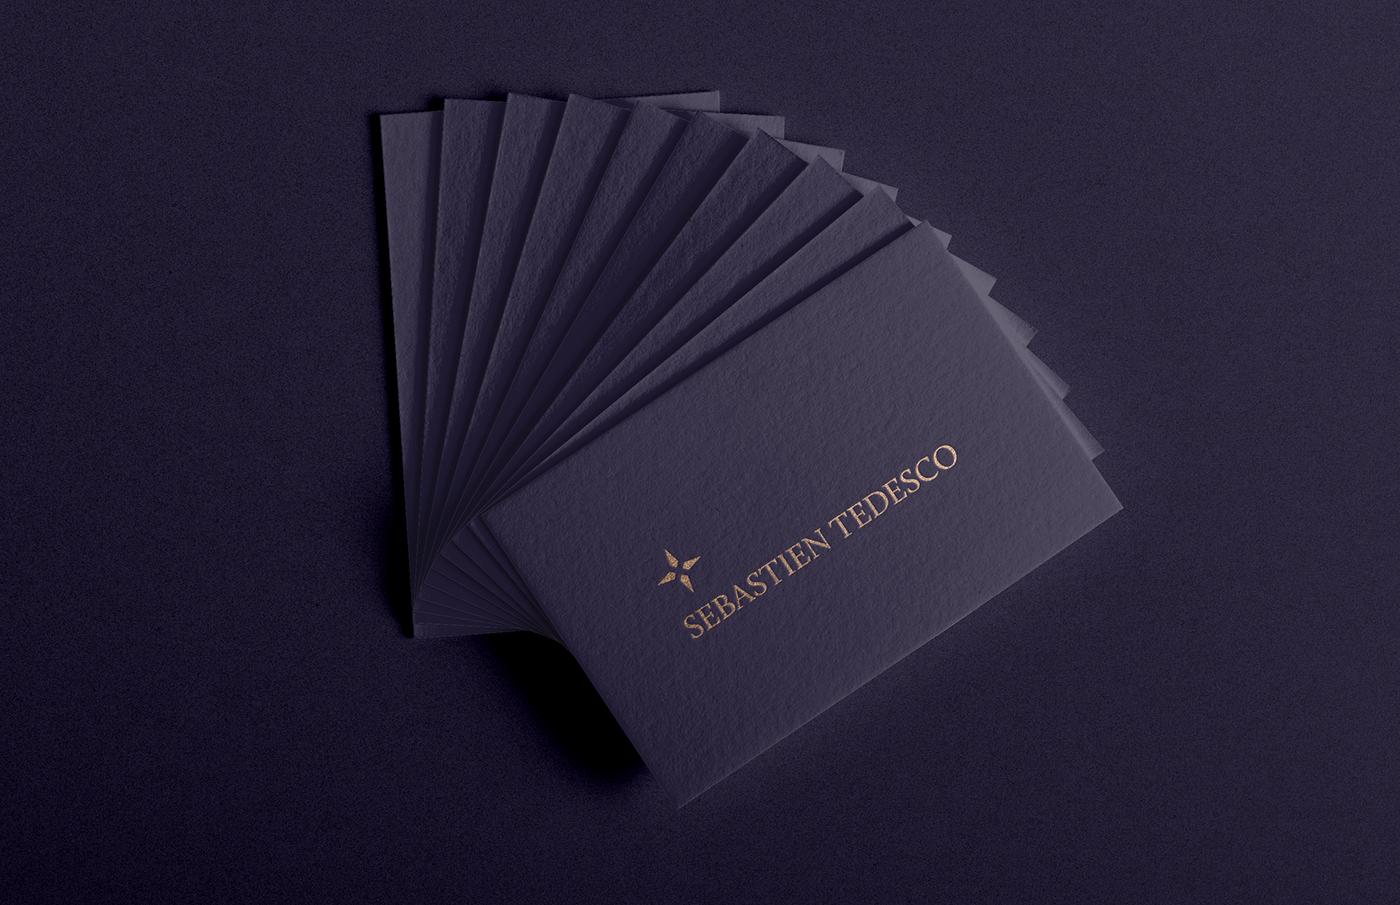 Sebastien Tedesco business cards